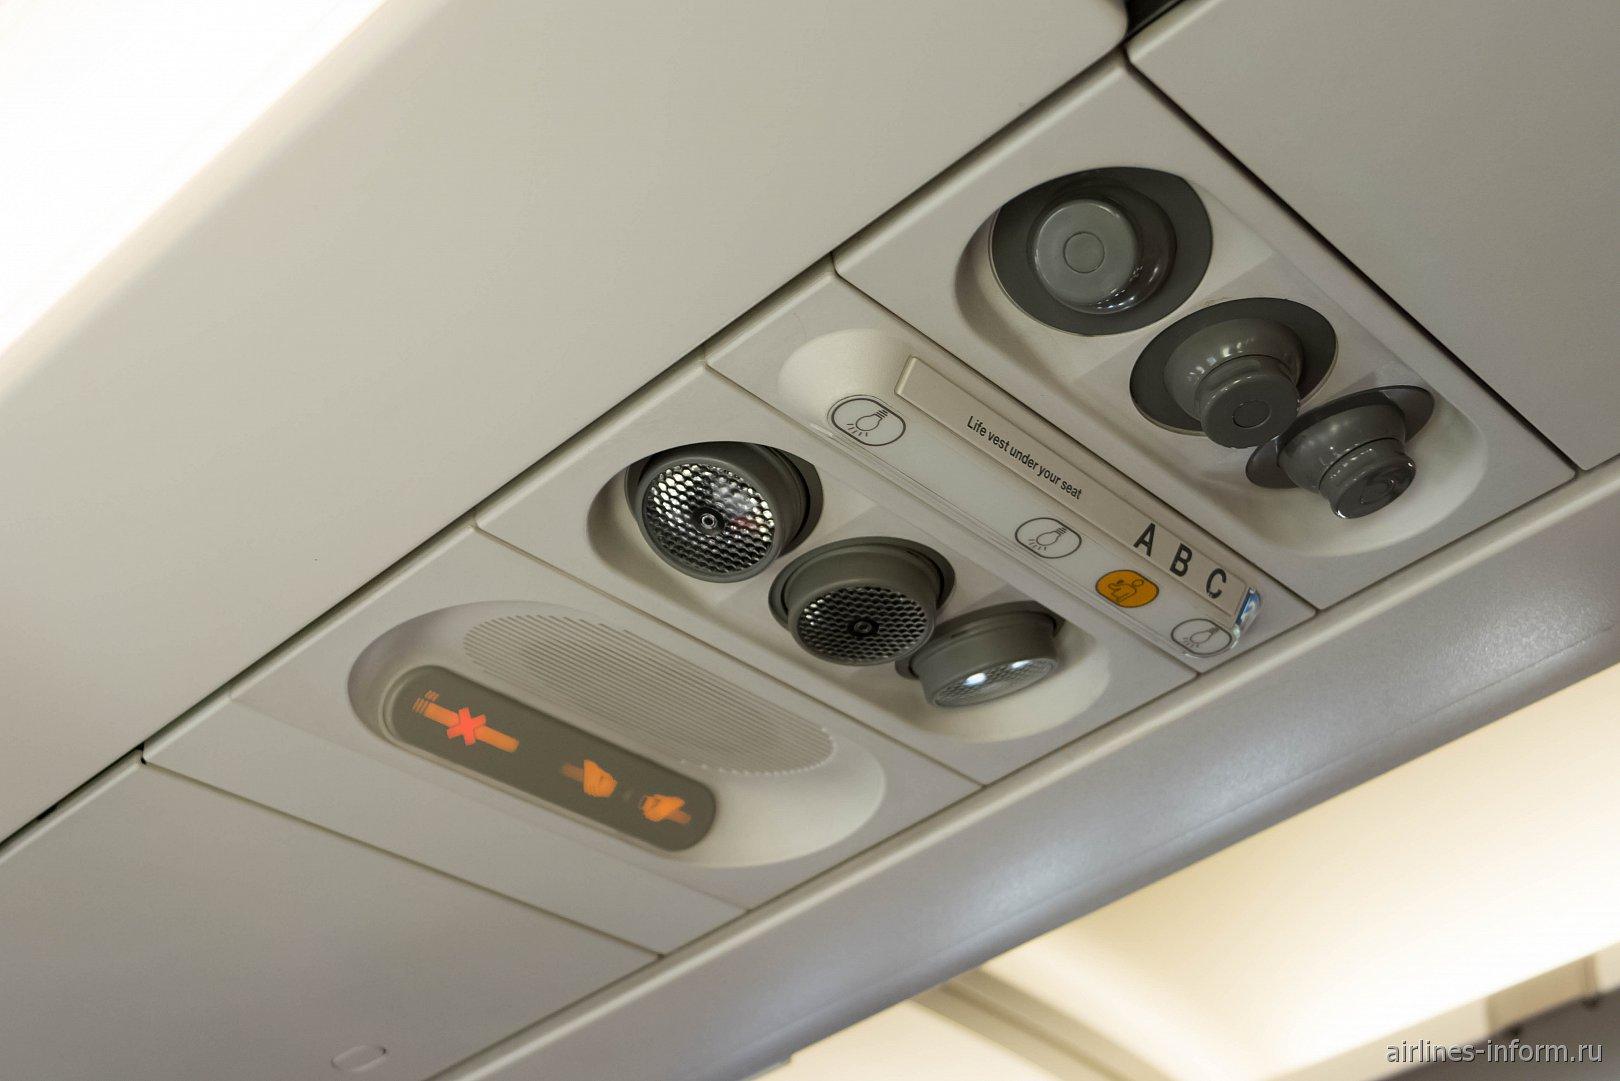 Верхняя панель в самолете А320 производства до 2004 года